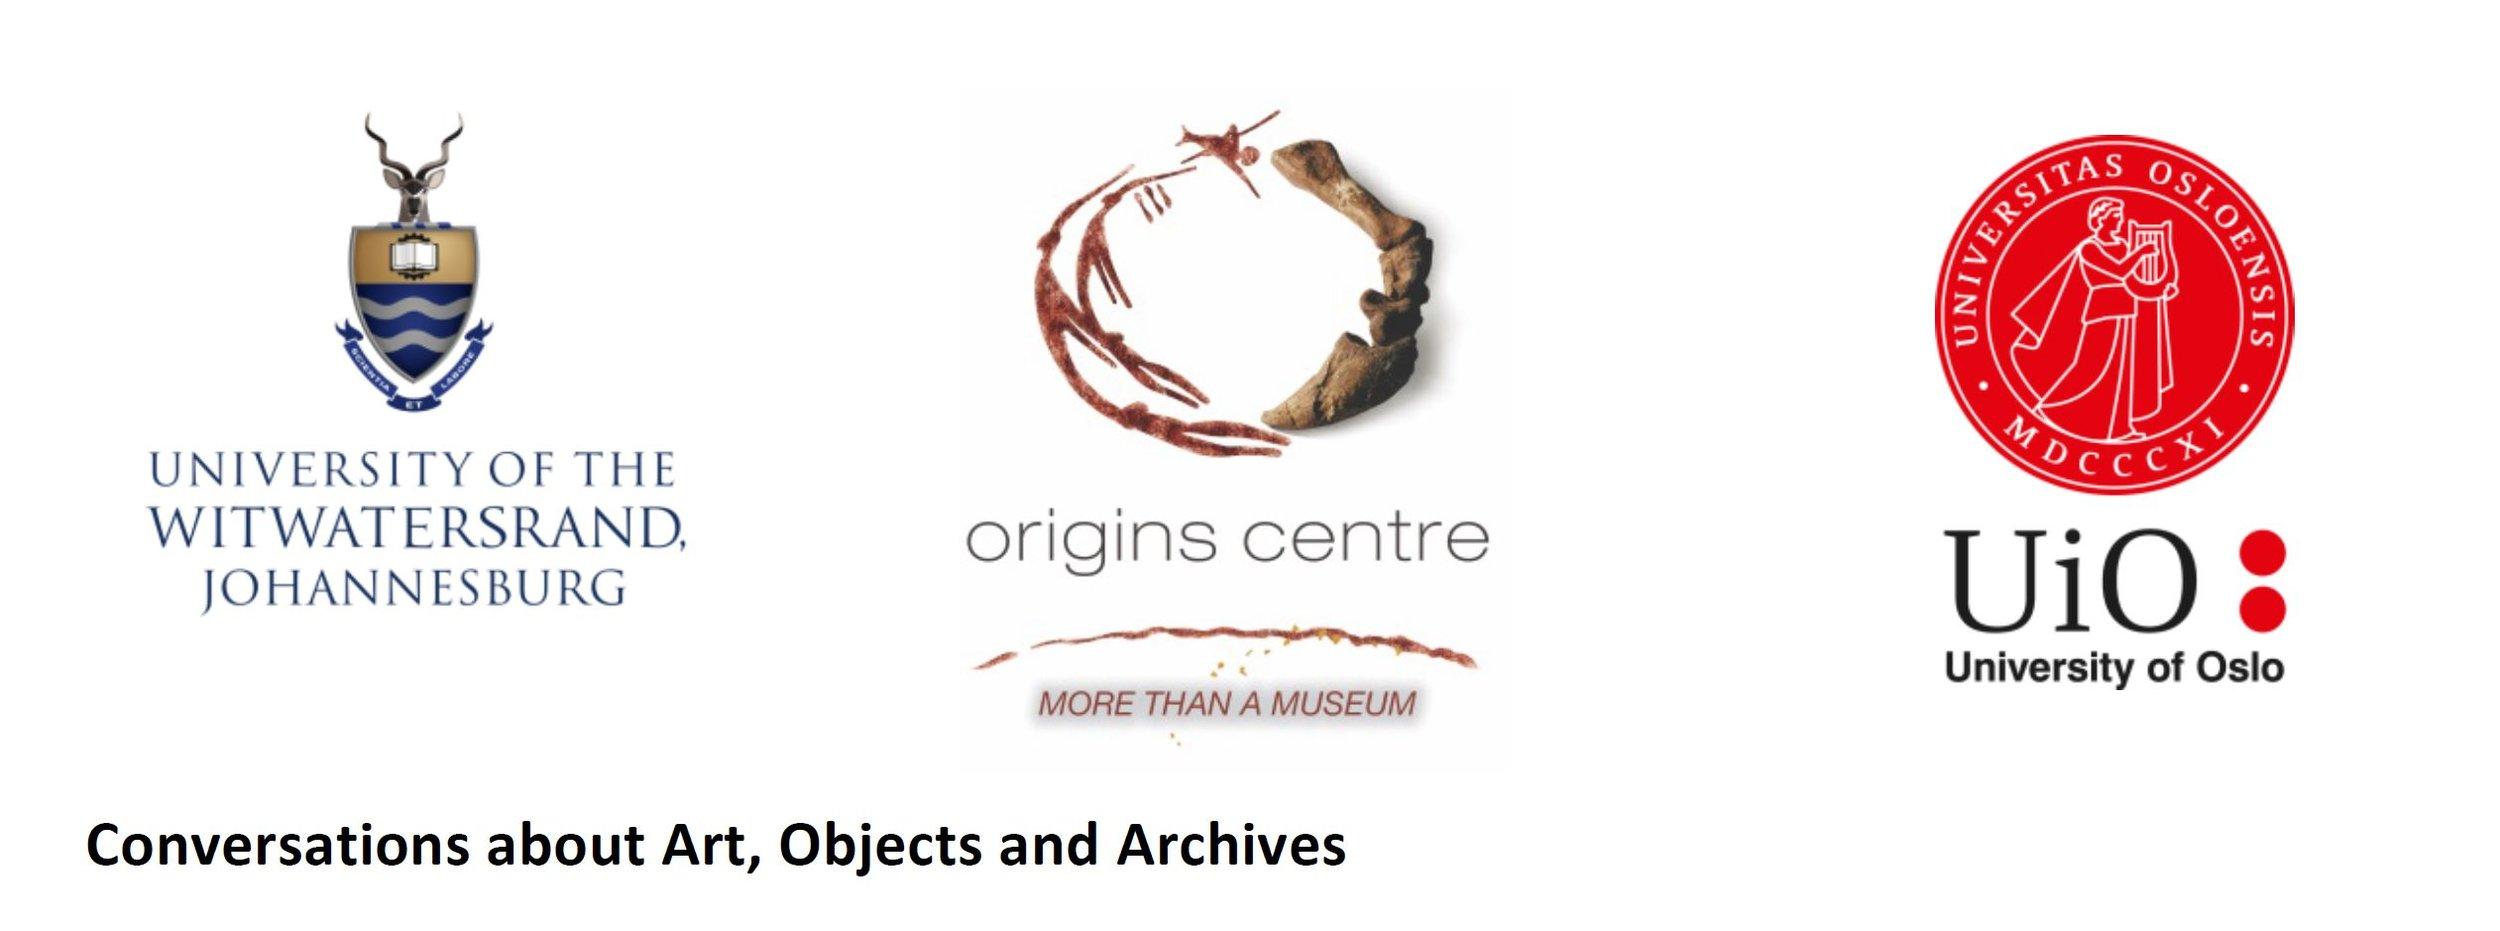 Origins Centre banner.JPG